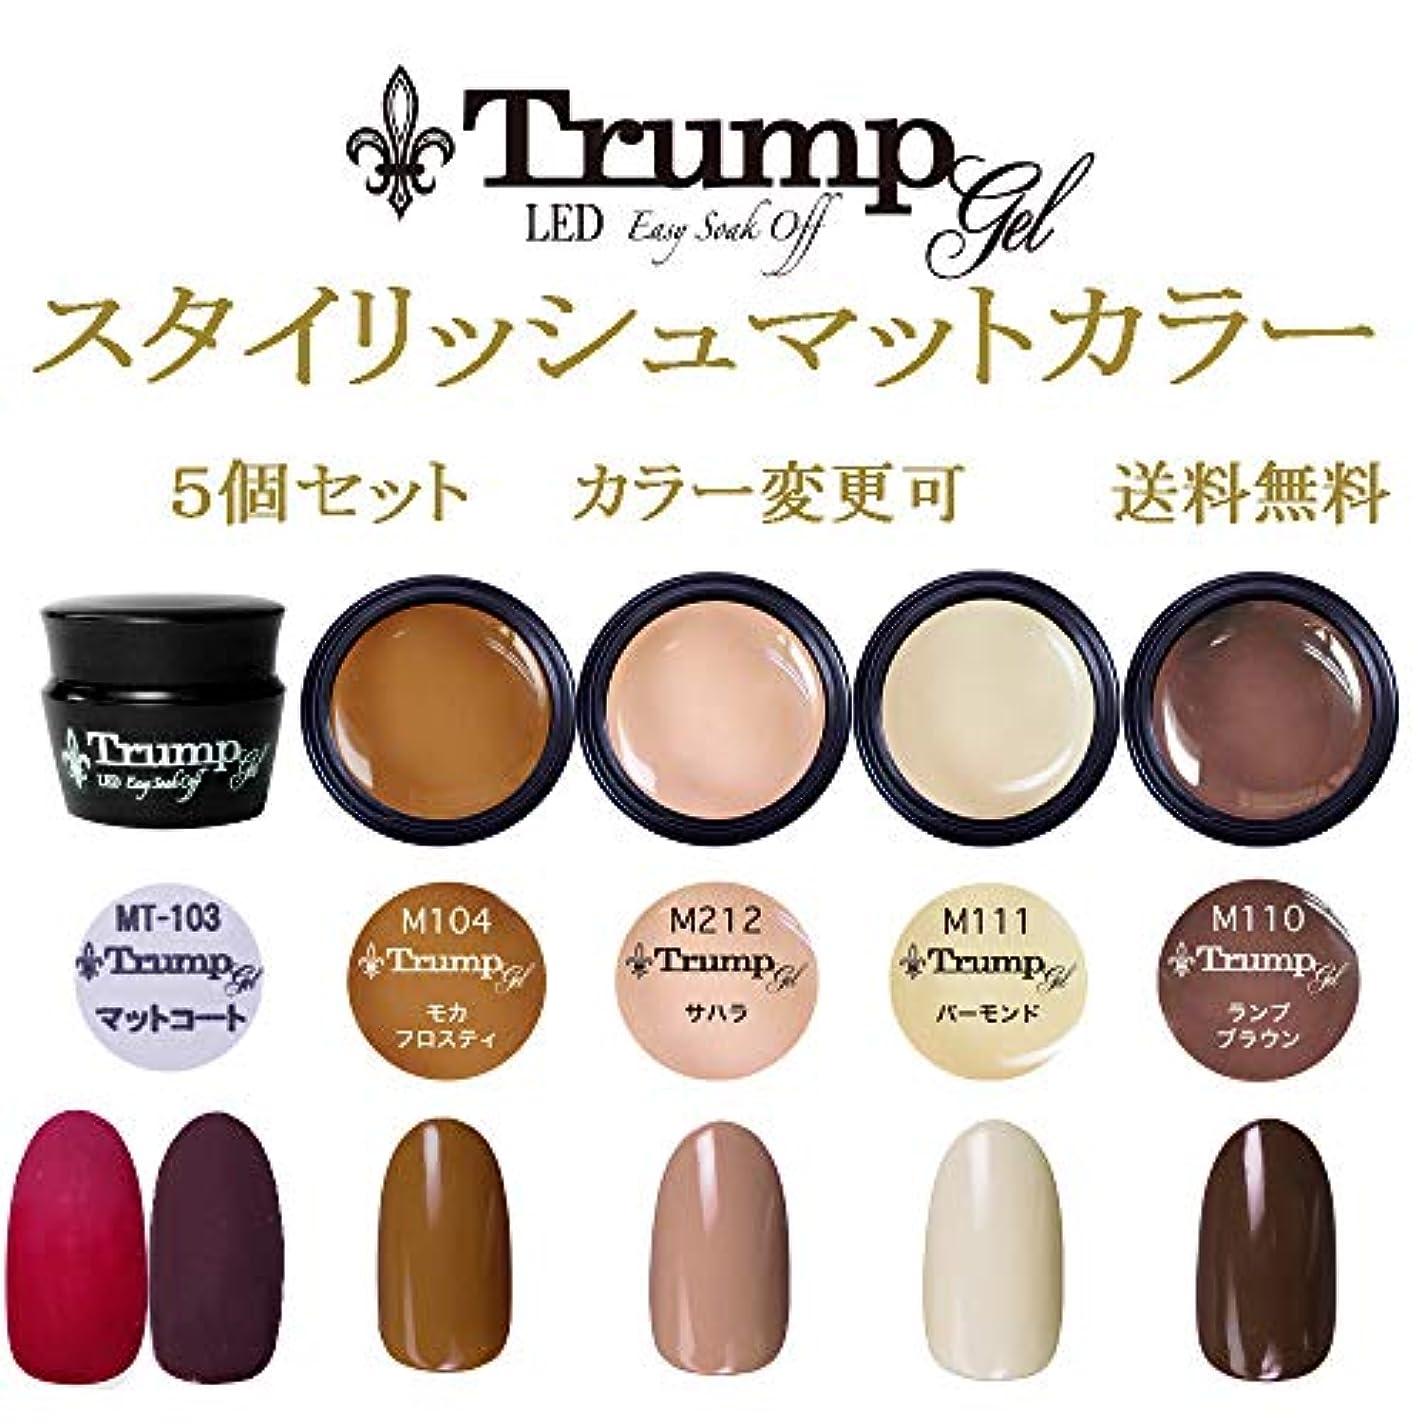 メールを書く蛾記念【送料無料】日本製 Trump gel トランプジェル スタイリッシュマットカラージェル5個セット 5個セット マットカラー ベージュ ブラウン マスタード カラー